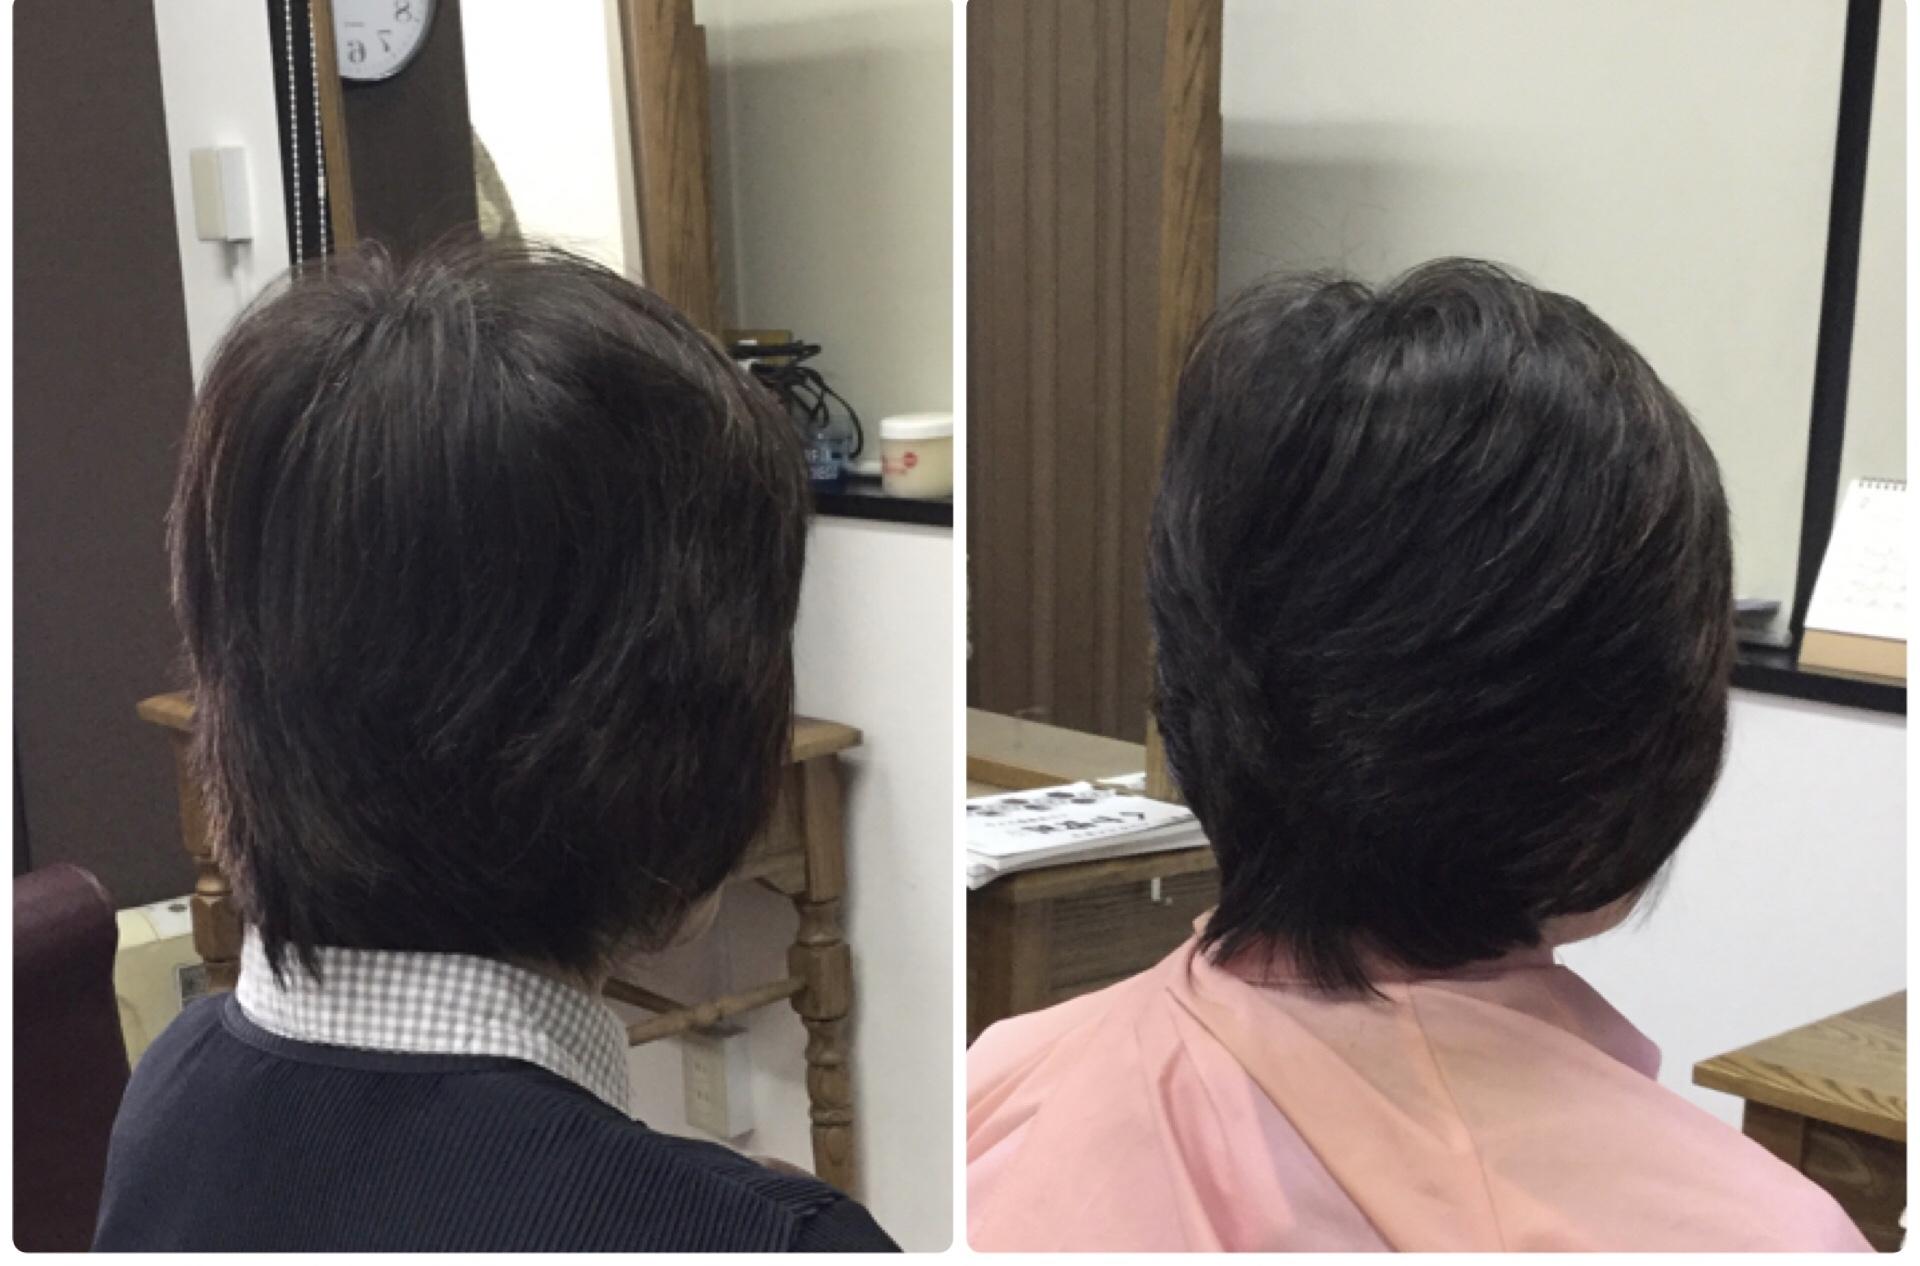 40代からは【くせ毛のスタイルは簡単が良い】スキハサミを使わないカット!神戸くせ毛専門美容室アバディ